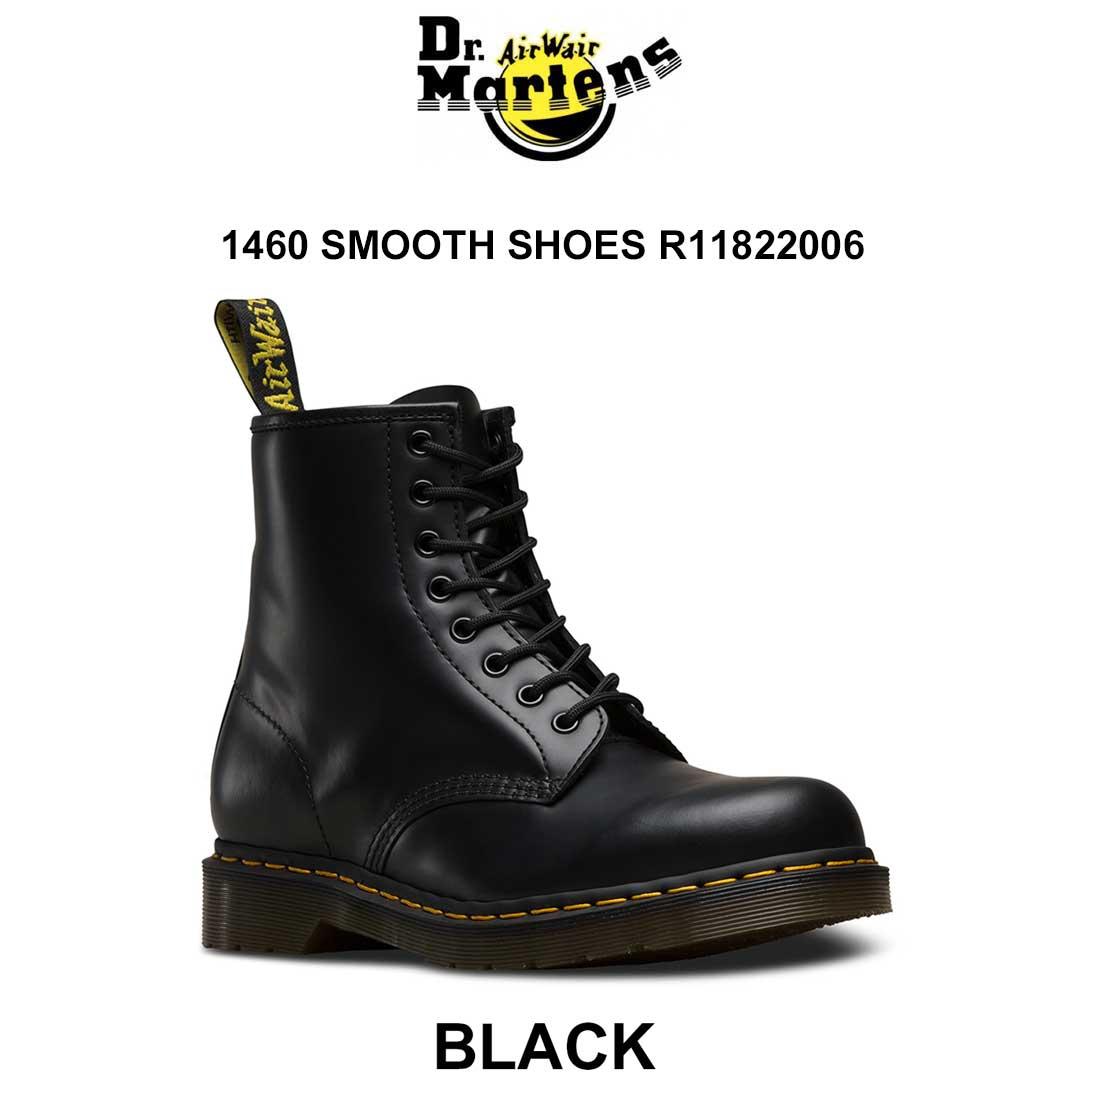 Dr.Martens(ドクターマーチン)ユニセックス ブーツ 8ホール 1460 SMOOTH SHOES R11822006